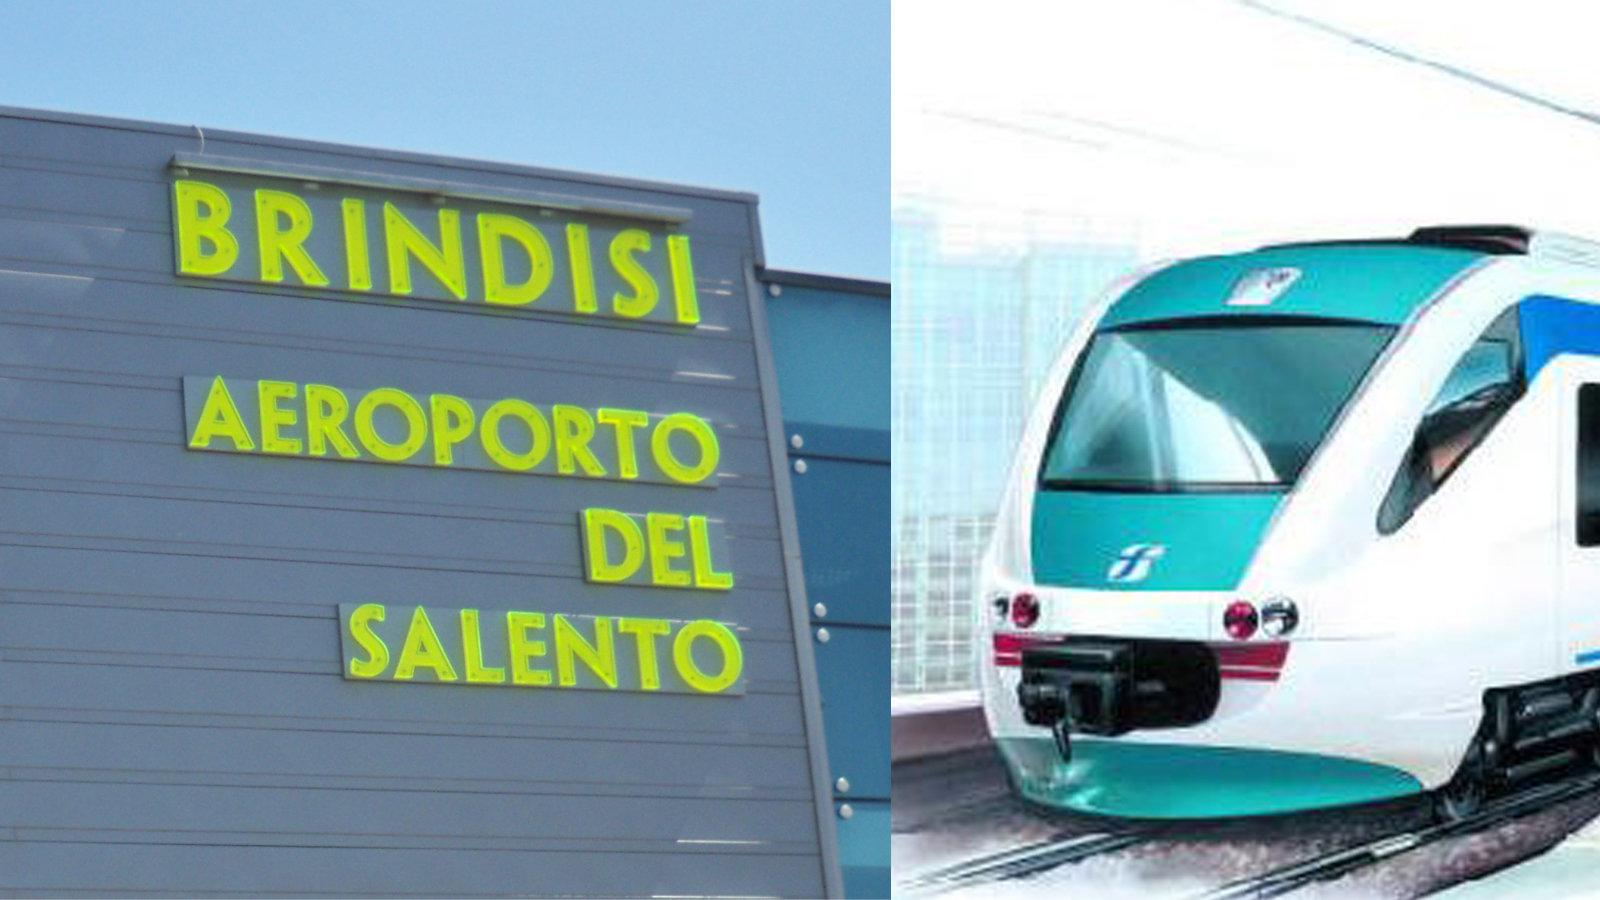 Aeroporto Brindisi : Petizione · michele emiliano collegamento diretto lecce aeroporto